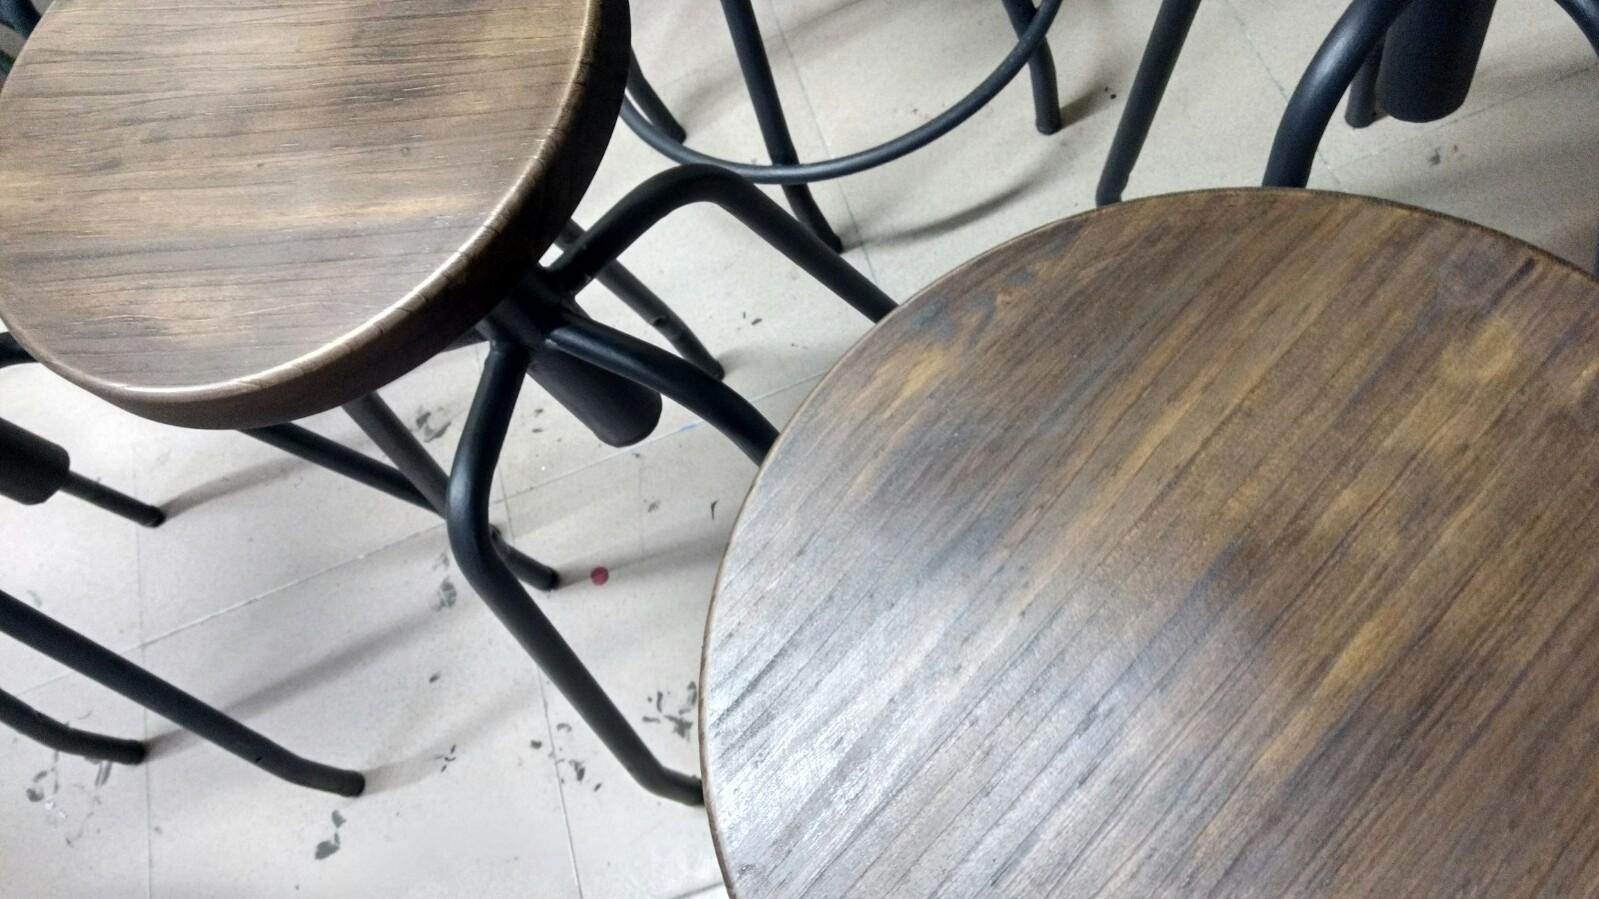 Sillas pintadas en Graphite y madera con Soft Wax Dark - TRATE Tienda Taller - Chalk Paint Annie Sloan